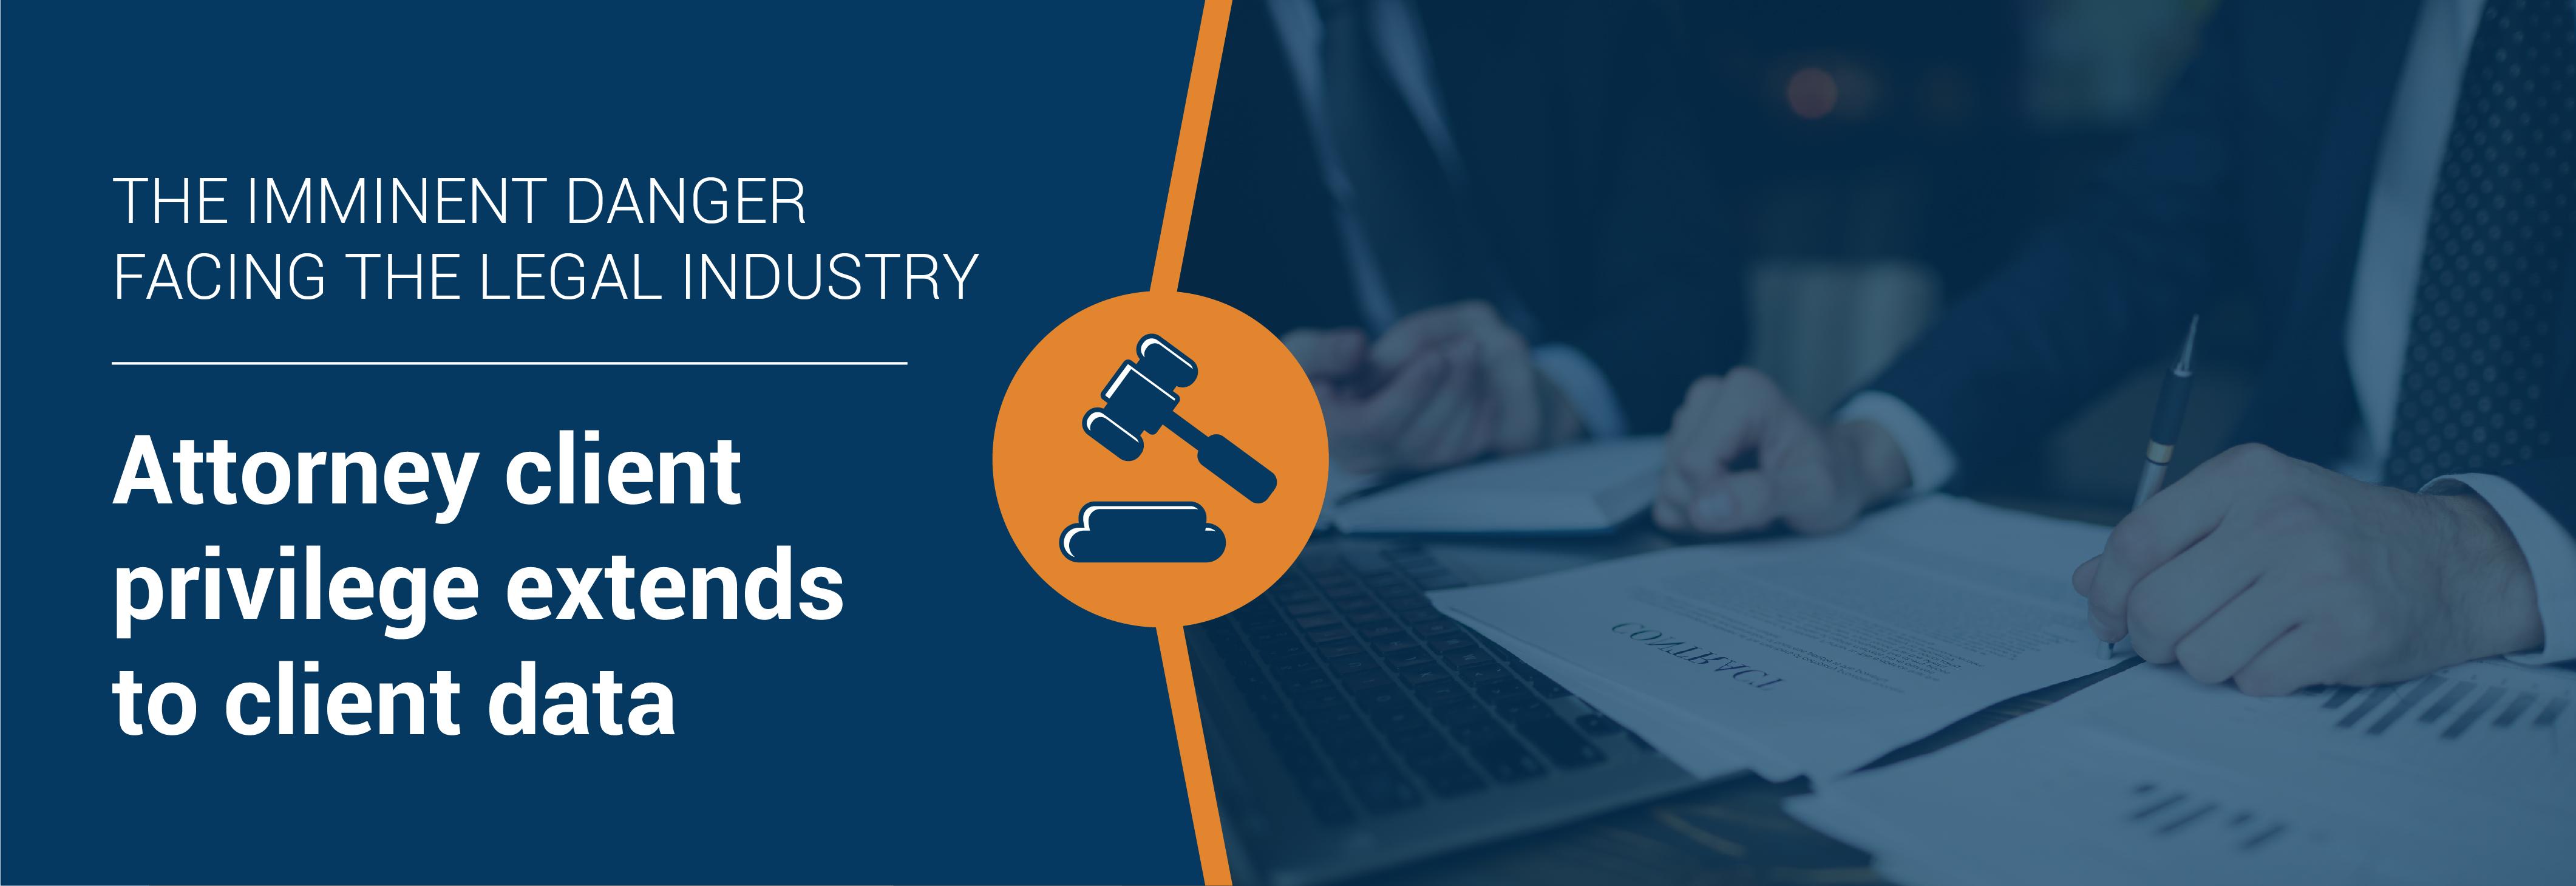 Legal Industry_Blog Header-05